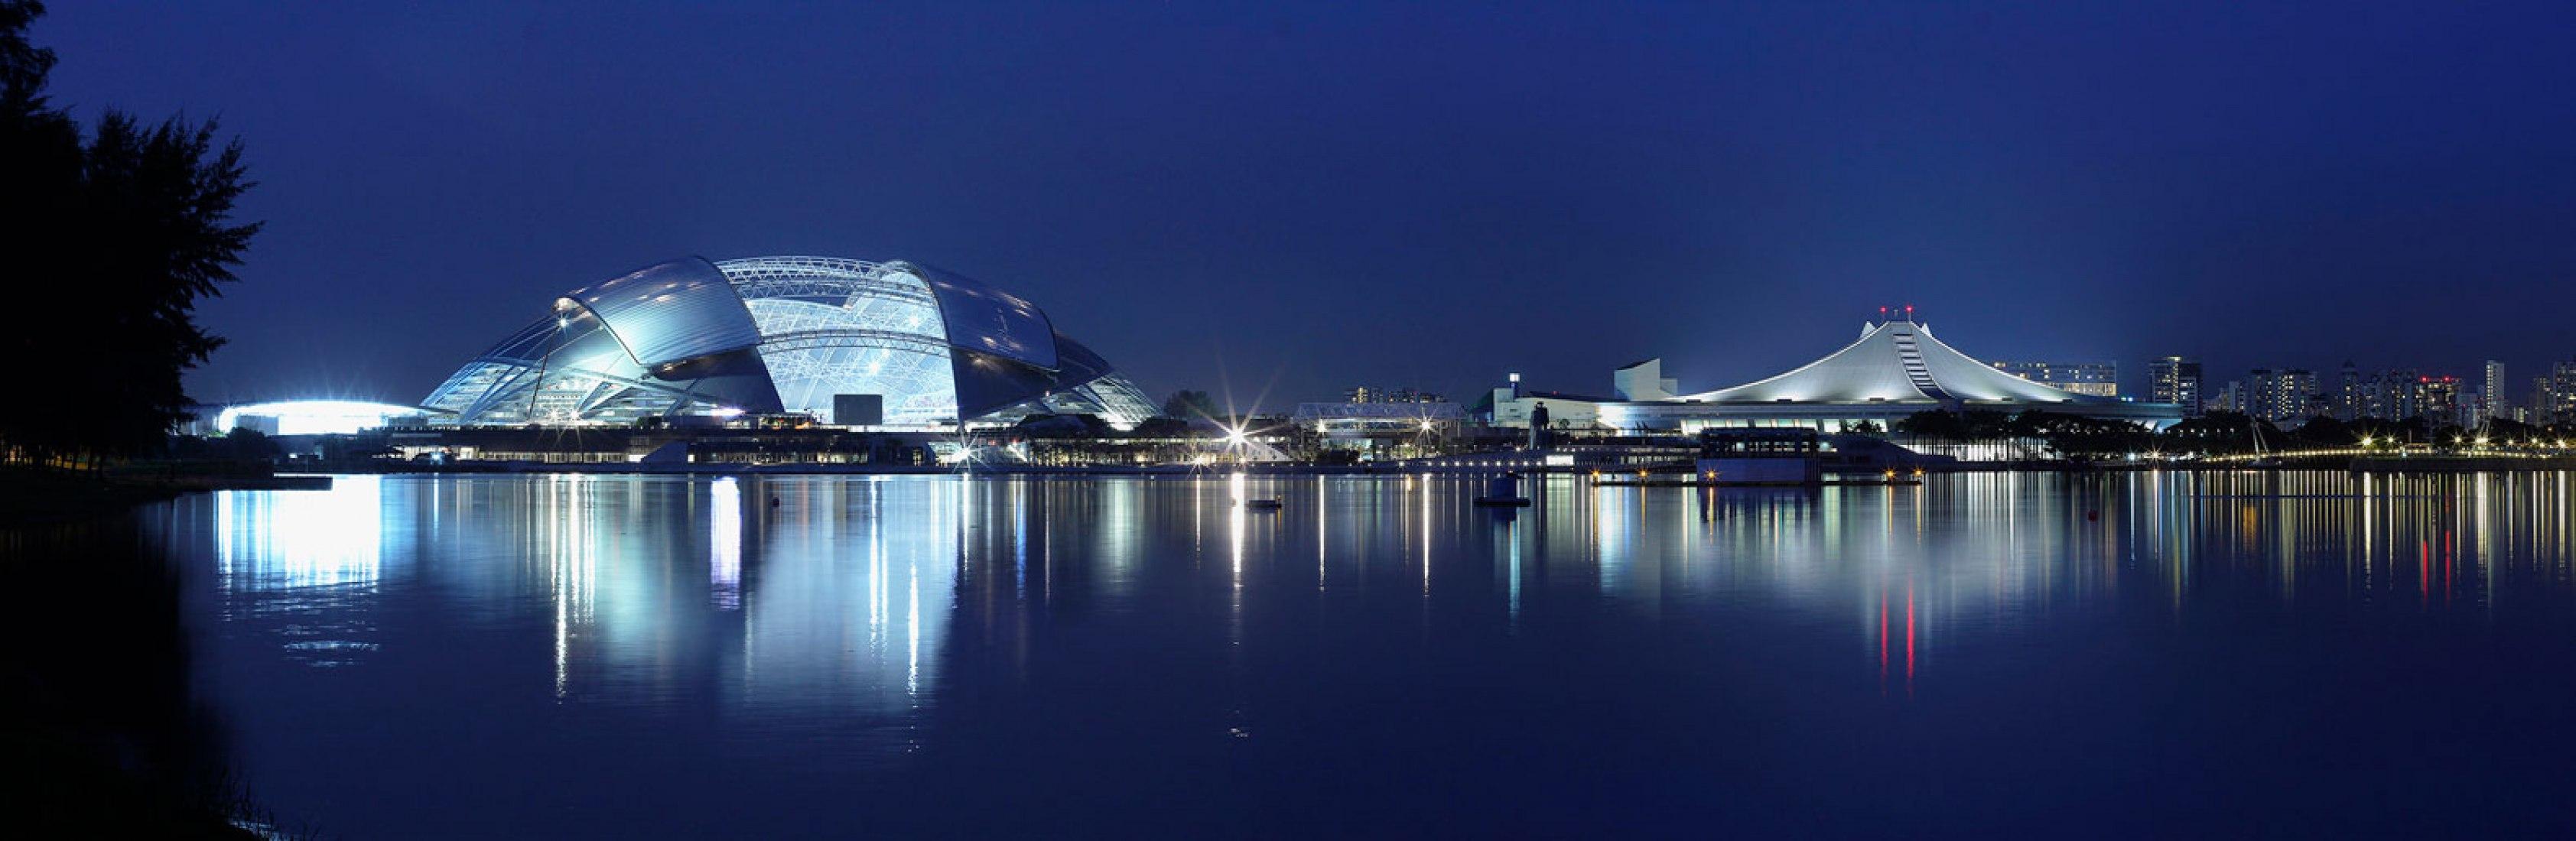 Vista nocturna. Estadio Nacional de Singapur por ARUP Associates. Imagen © Franklin Kwan.